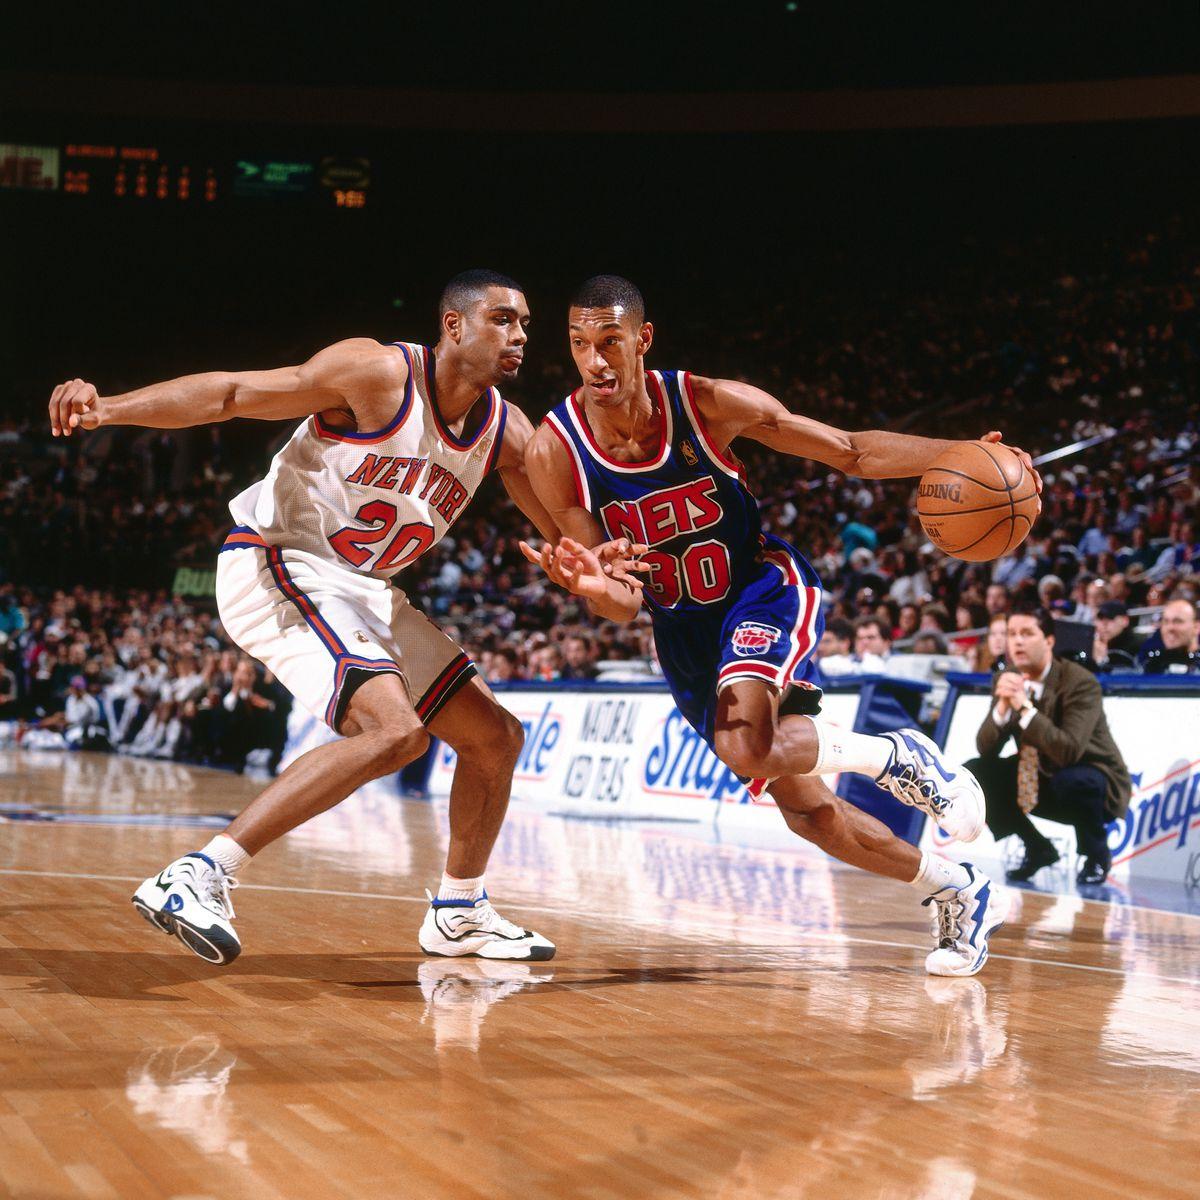 New Jersey Nets v New York Knicks